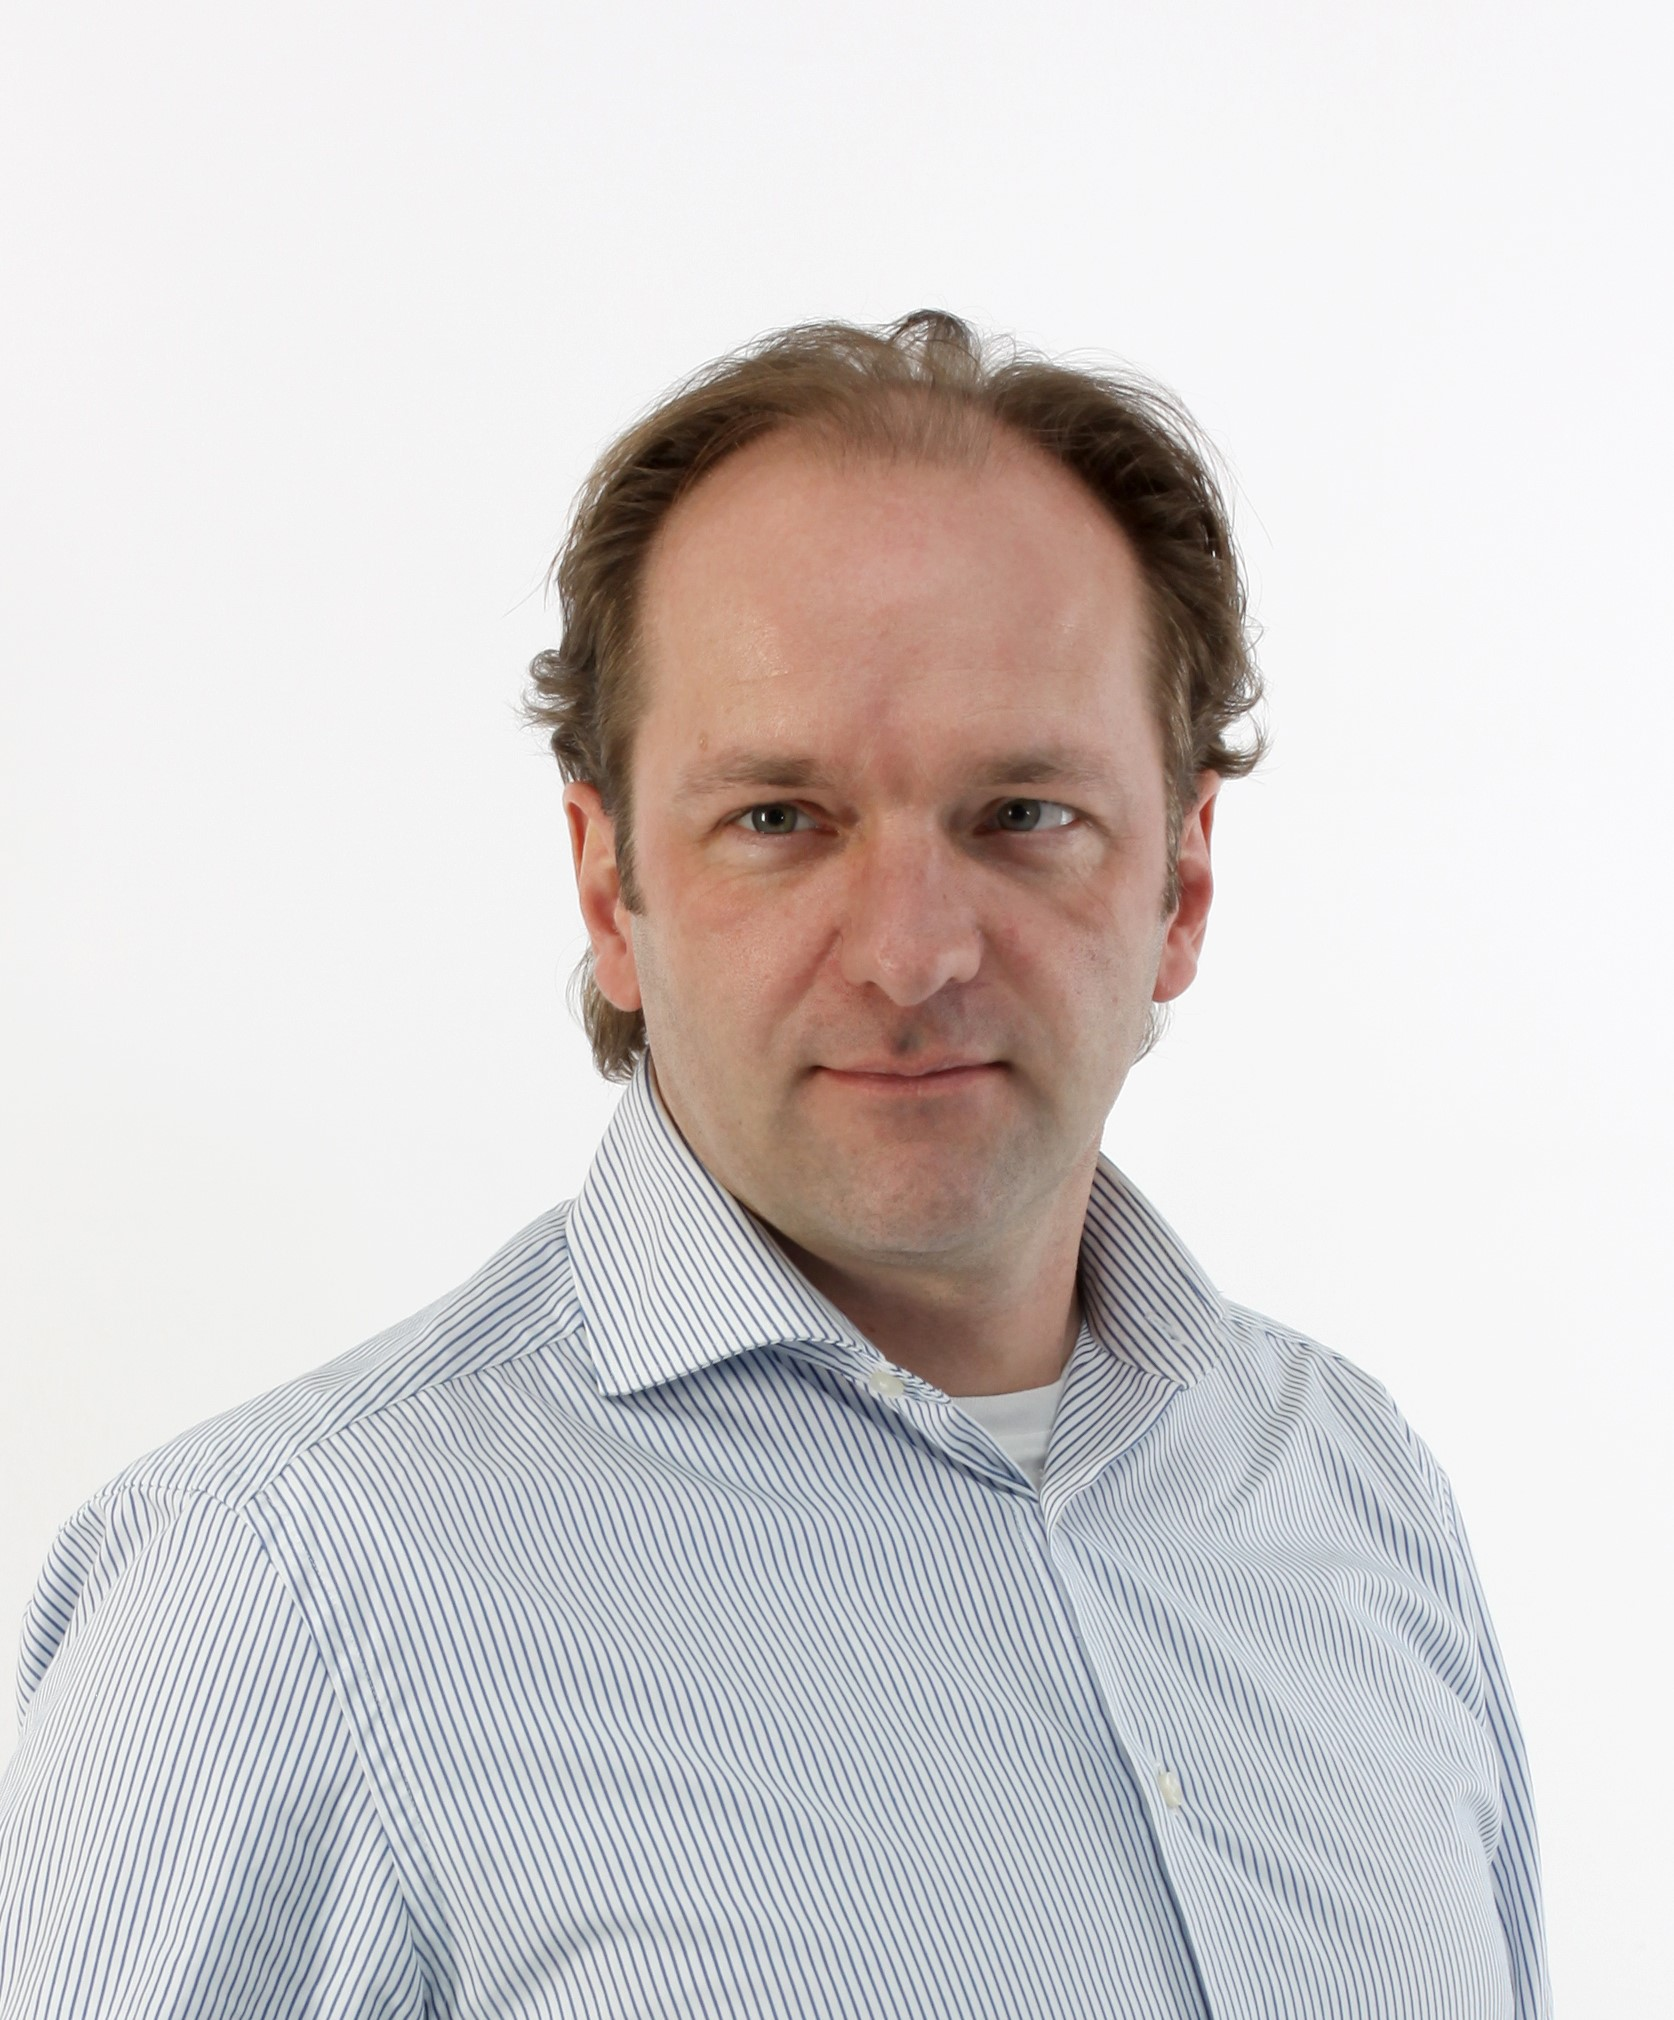 Geert-Jan van Bakel